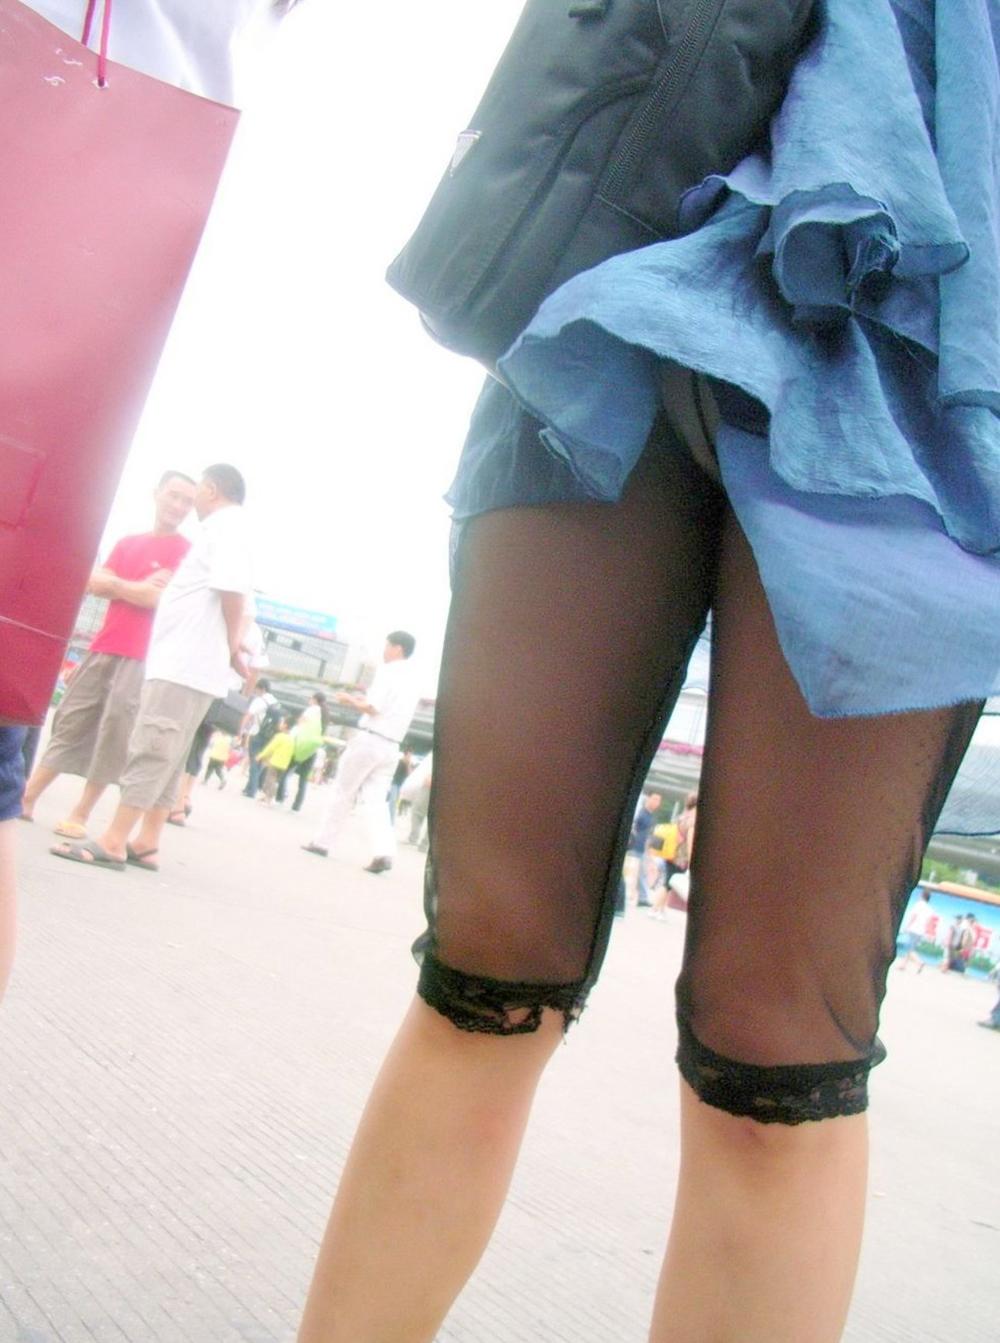 【パンチラエロ画像】(見えてるよー…)と心の中でだけwスカート引っ掛けてパンツ見えっ放しな女子www 18